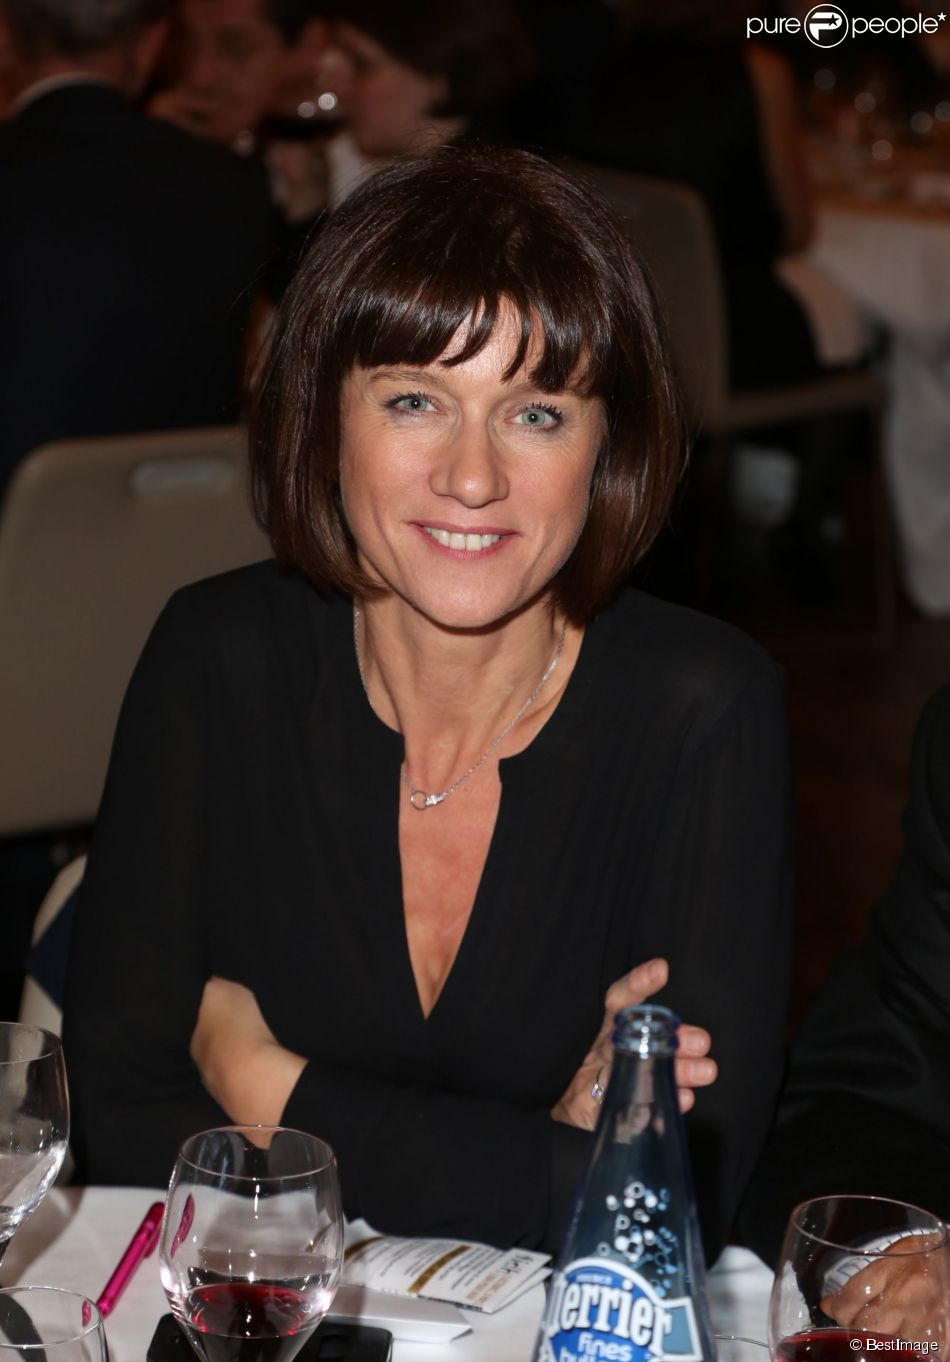 Exclusif - Carole Gaessler - Soirée annuelle de la FIDH (Fédération Internationale des Droits de l'homme) et 65e anniversaire de la Déclaration universelle des Droits de l'Homme à l'Hotêl de Ville de Paris le 10 décembre 2013.